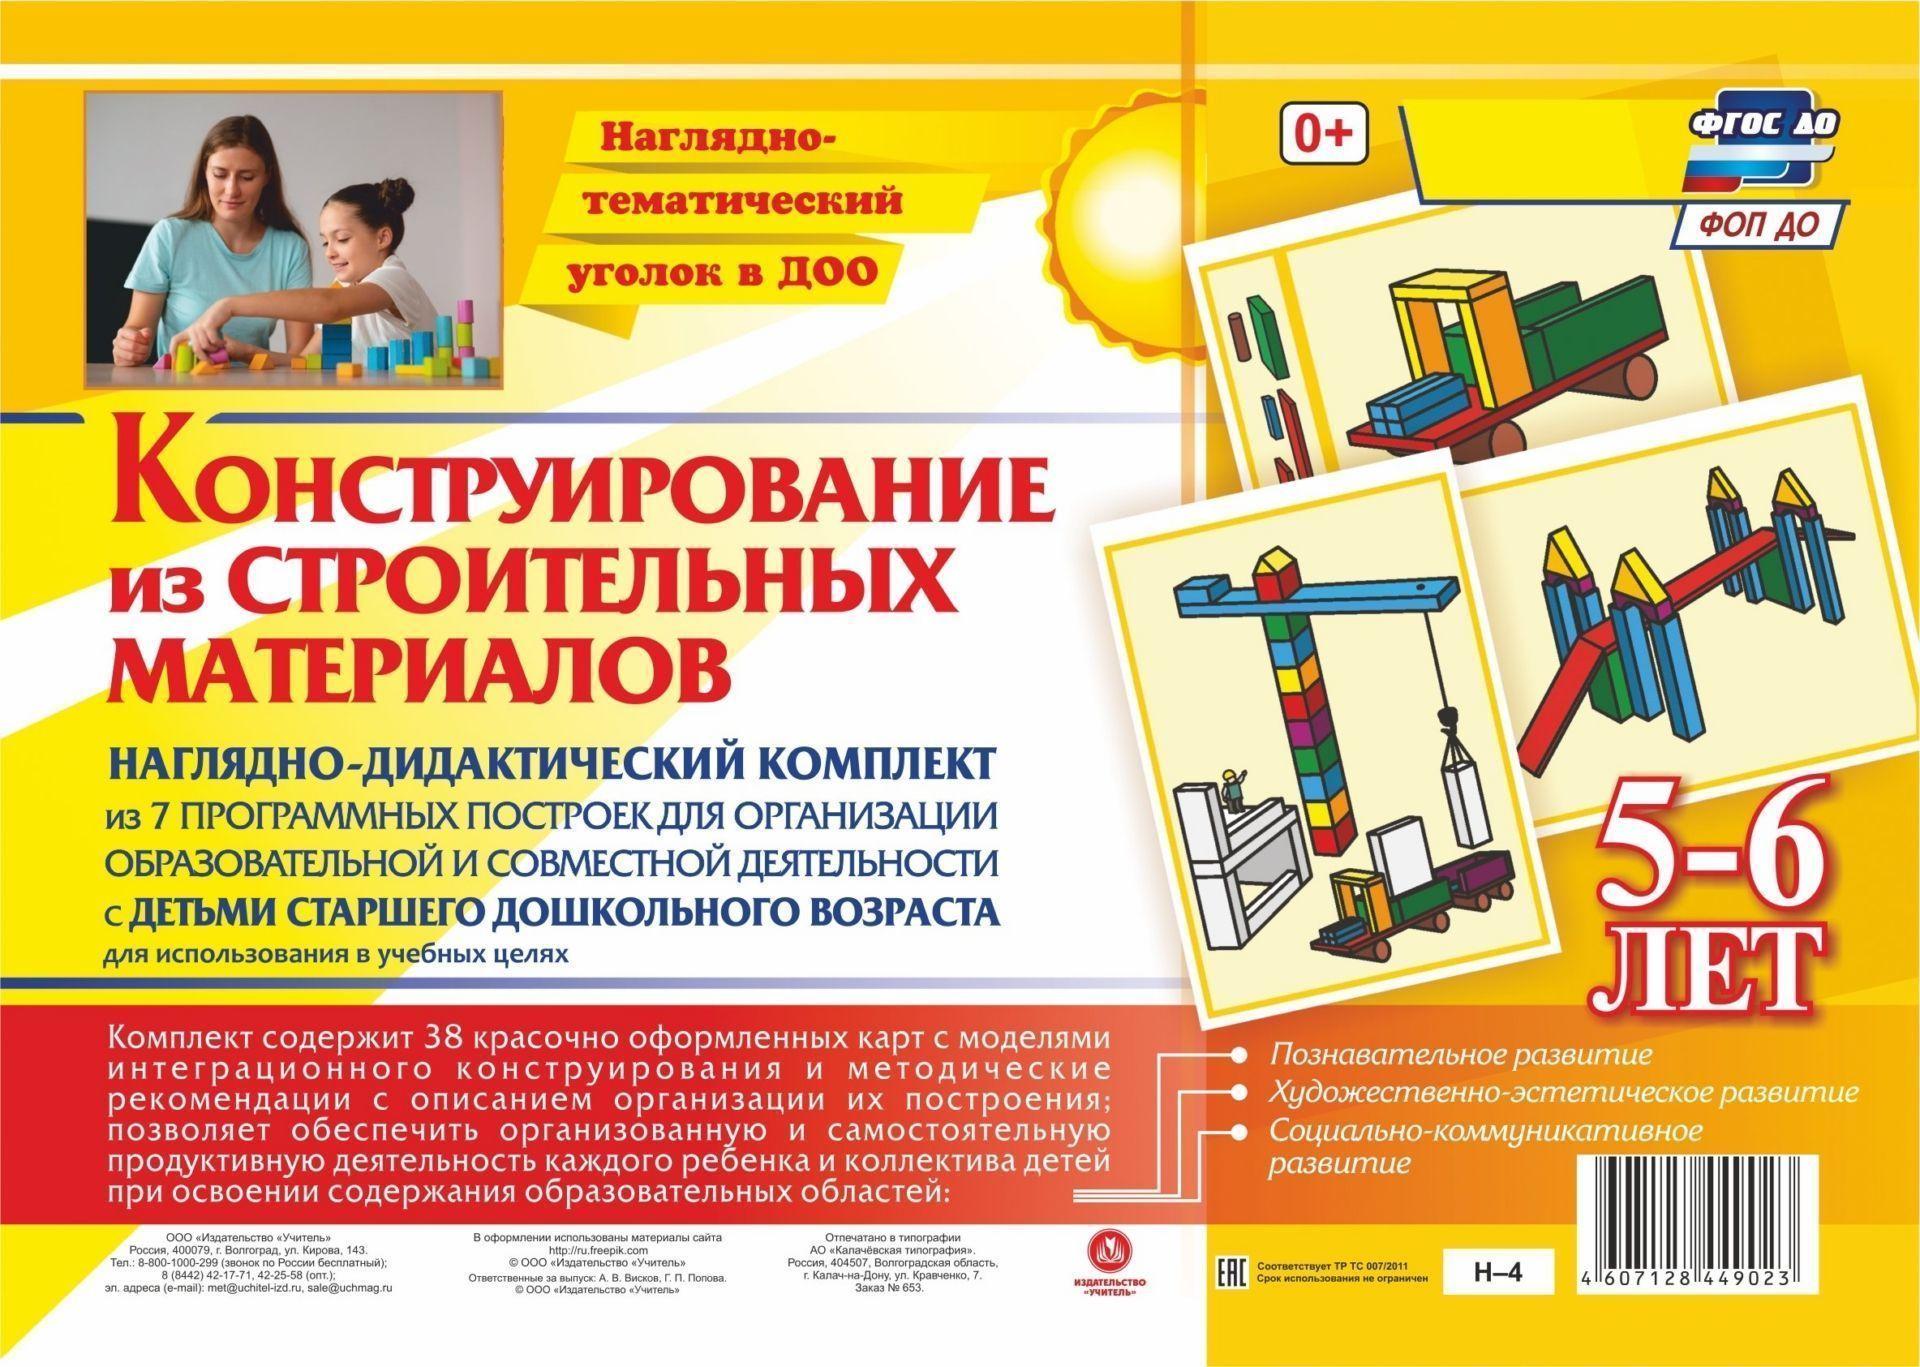 Наглядно-дидактический комплект. Конструирование. 38 цветных иллюстраций формата А4 на картоне. 5-6 летВоспитателю ДОО<br>Предлагаемый наглядно-дидактический комплект Конструирование из строительных материалов включает в себя 38 красочно оформленных листов, позволяющих ребенку доступно и увлекательно в совместной деятельности со взрослым или самостоятельной игре осуществит...<br><br>Год: 2017<br>Серия: Наглядно-тематический уголок в ДОО<br>Высота: 297<br>Ширина: 210<br>Толщина: 16<br>Переплёт: набор